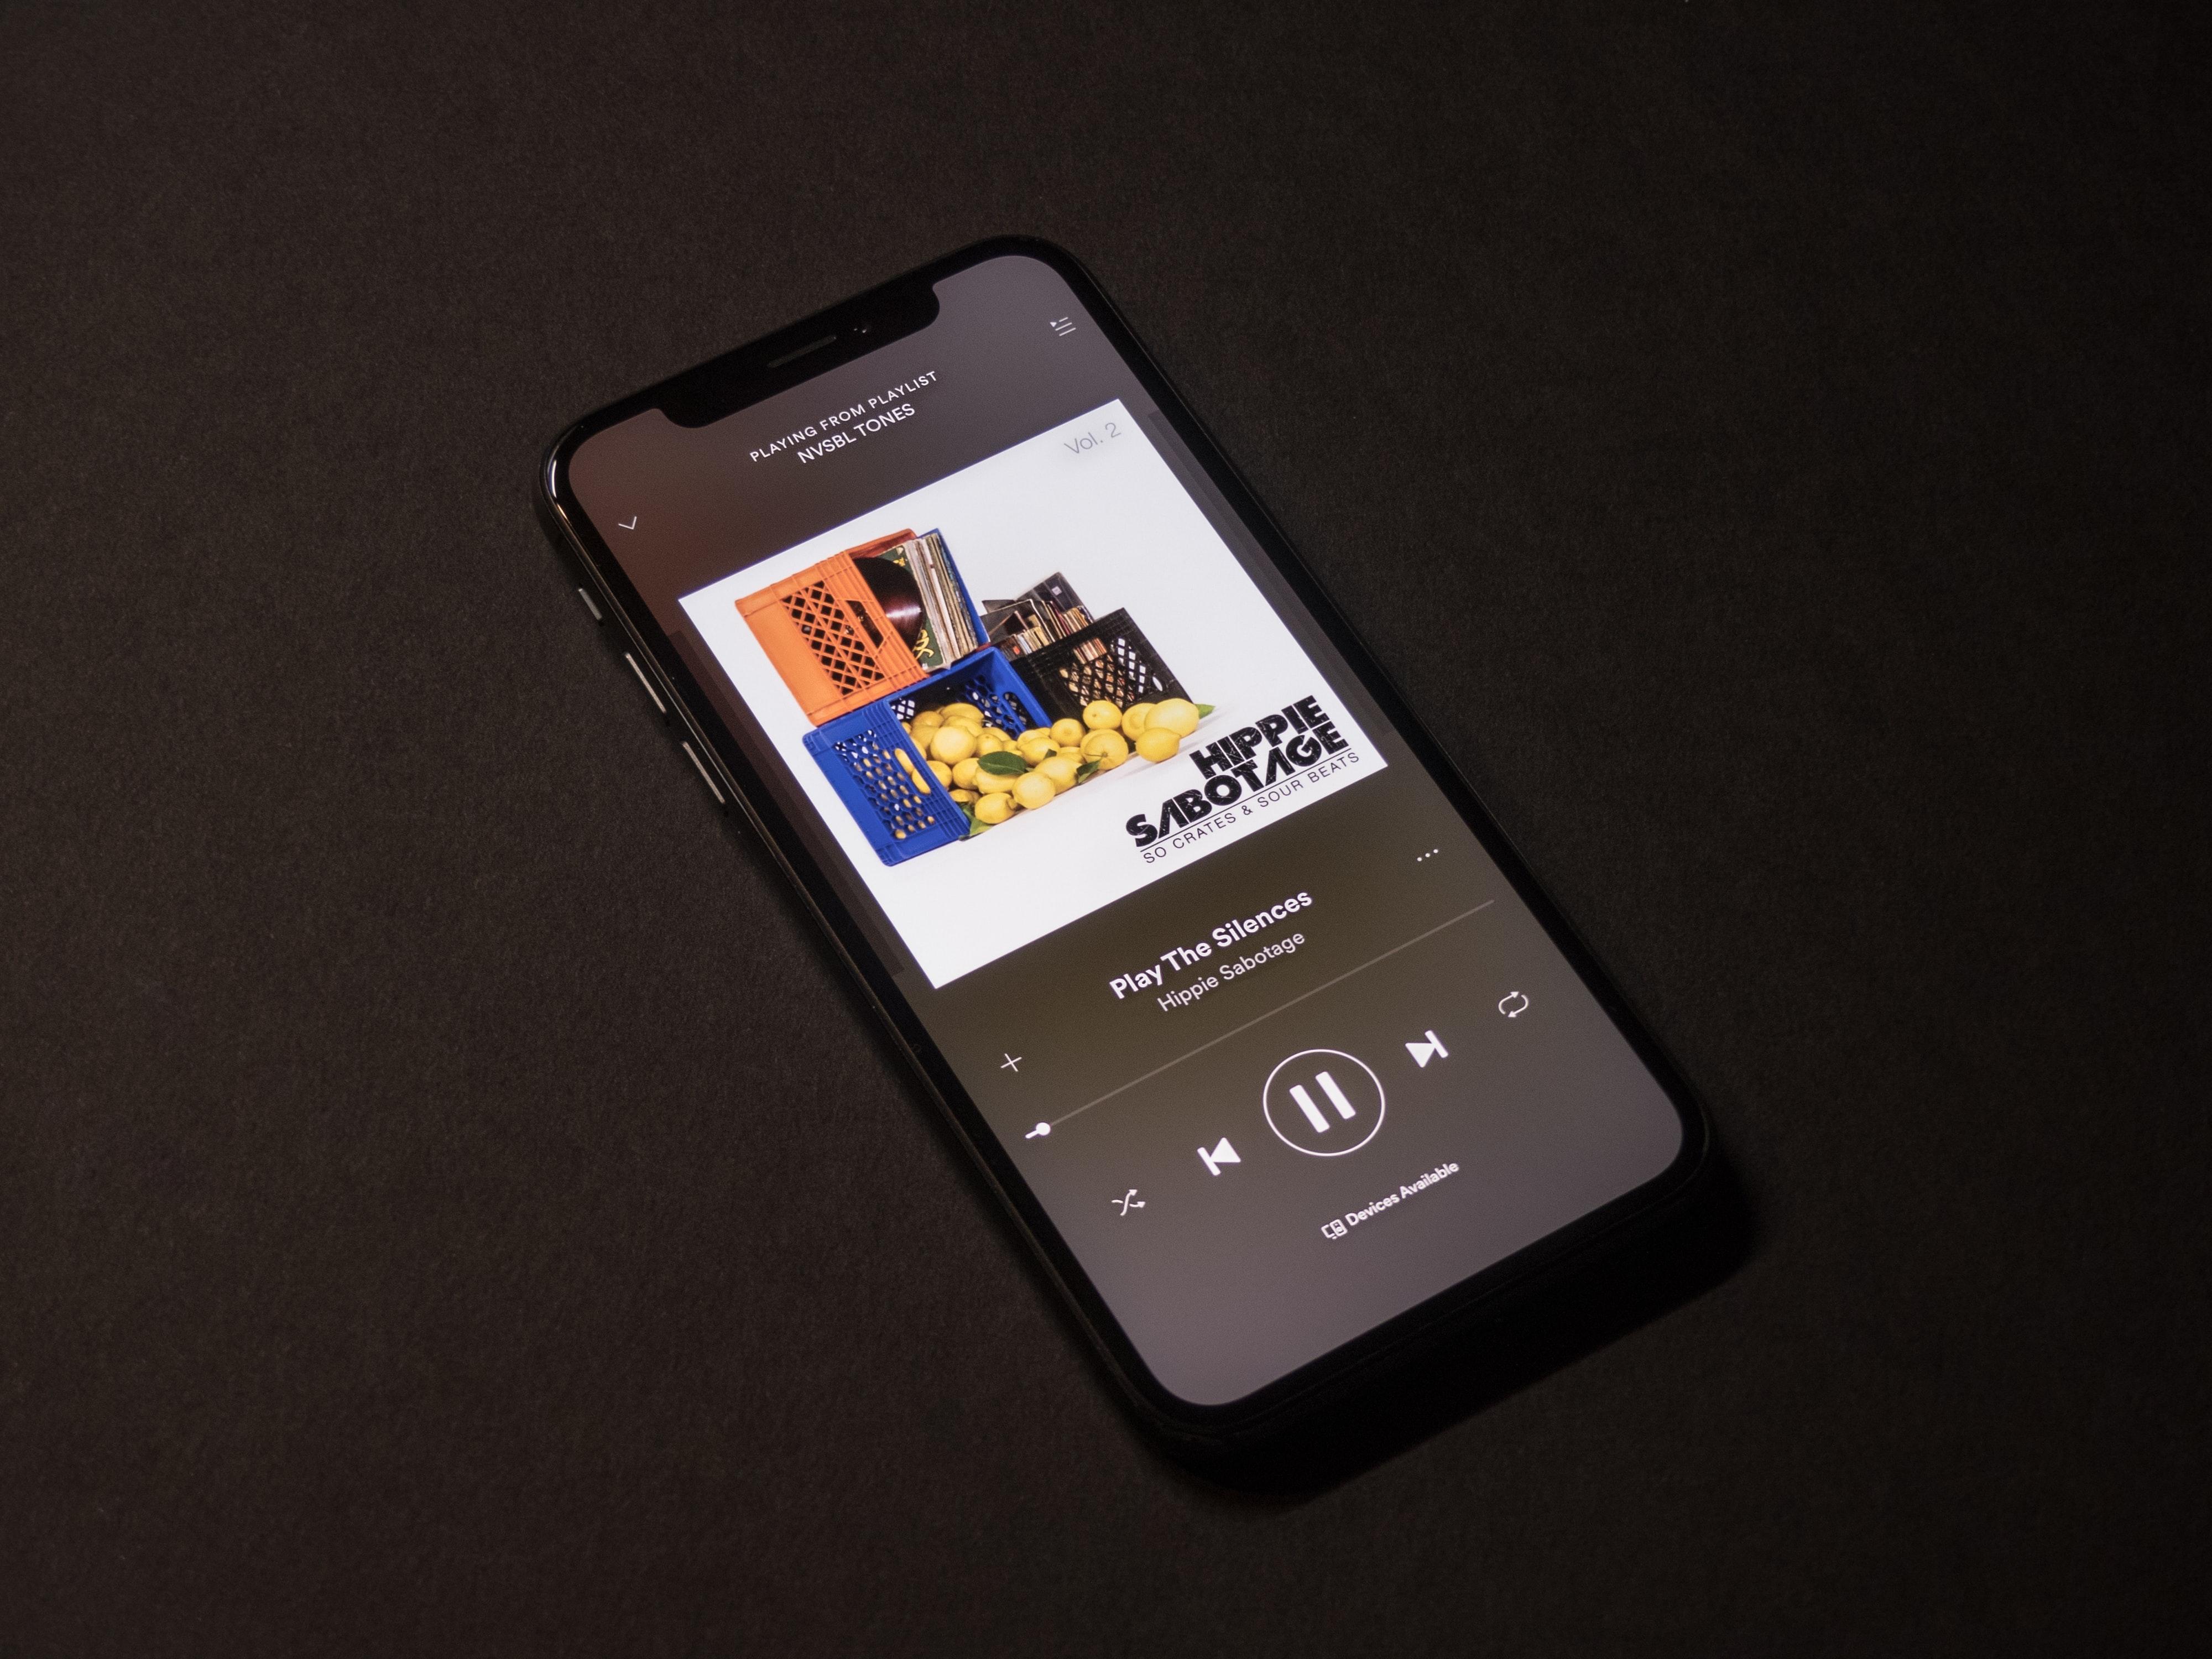 Spotify запатентовала технологию определения настроения пользователя по голосу и окружающим звукам